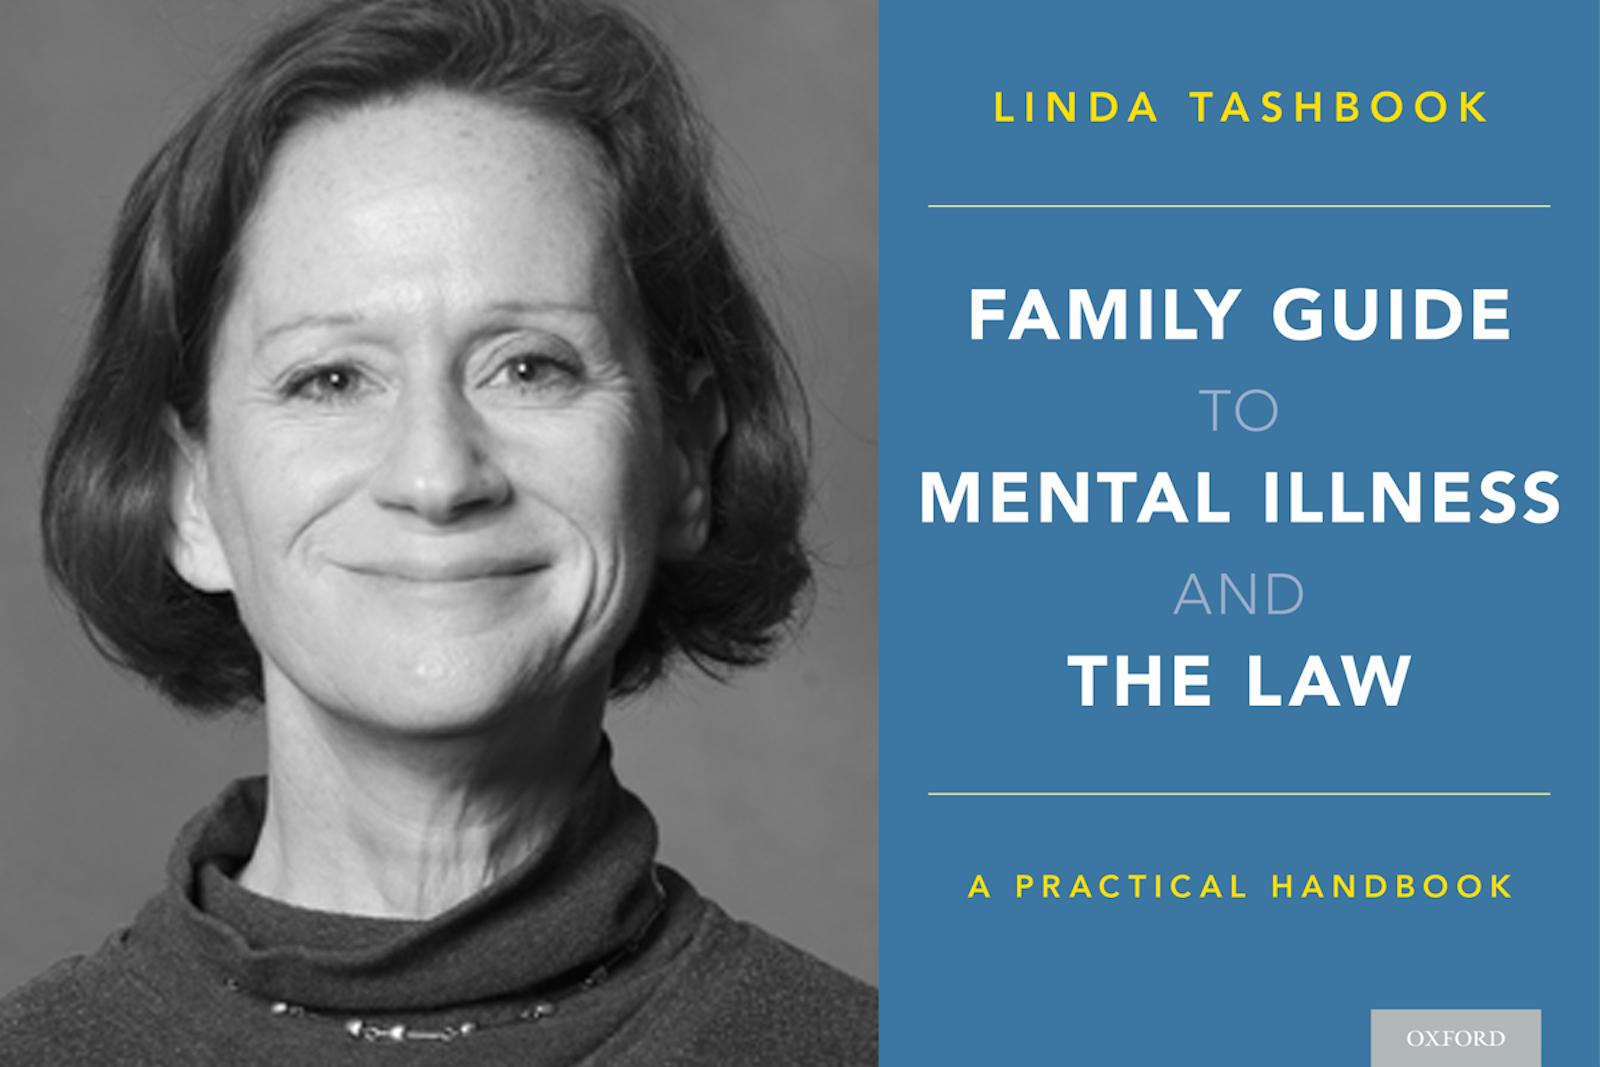 Linda Tashbook